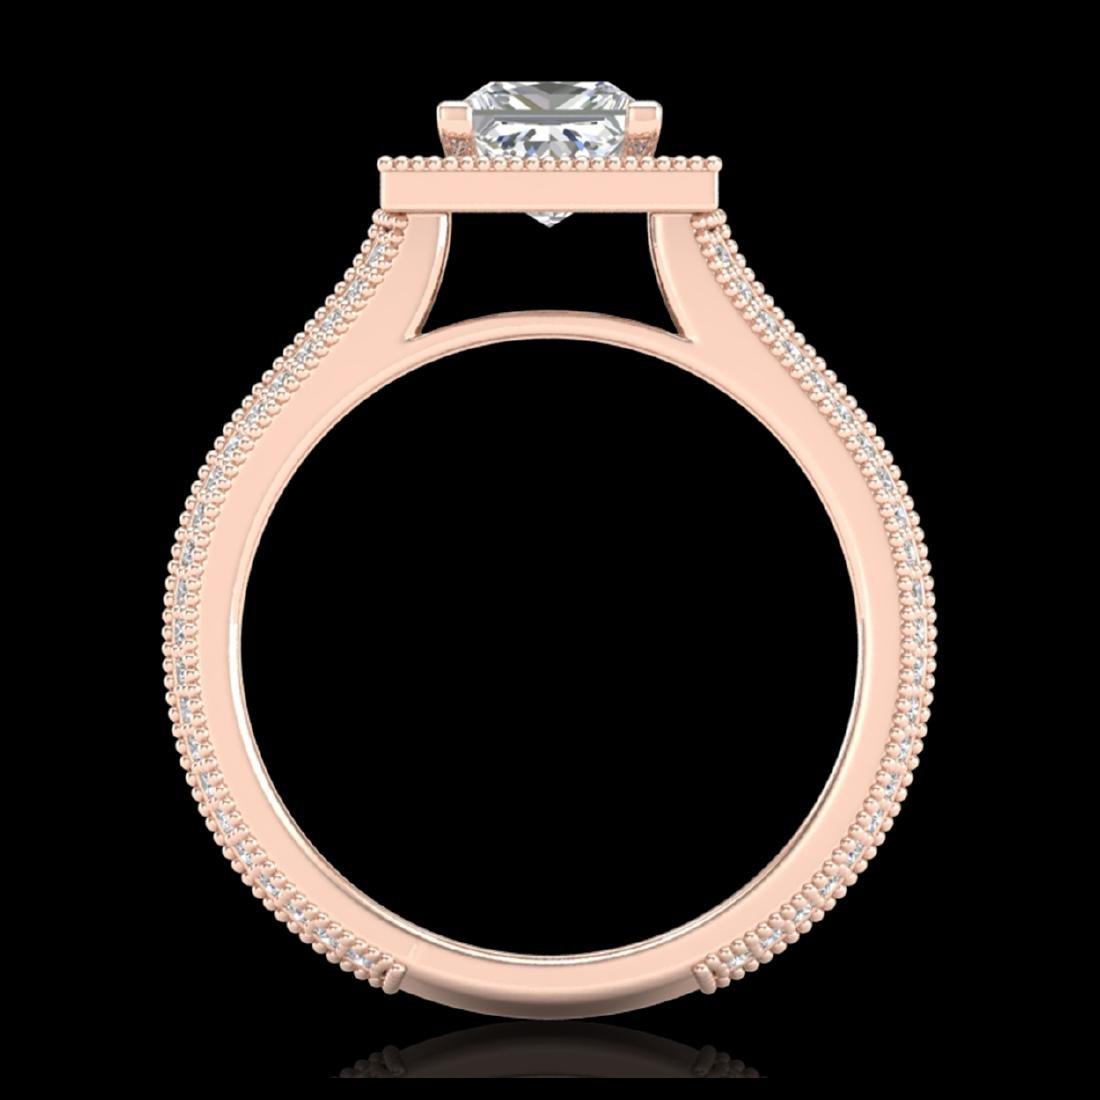 2 CTW Princess VS/SI Diamond Solitaire Micro Pave Ring